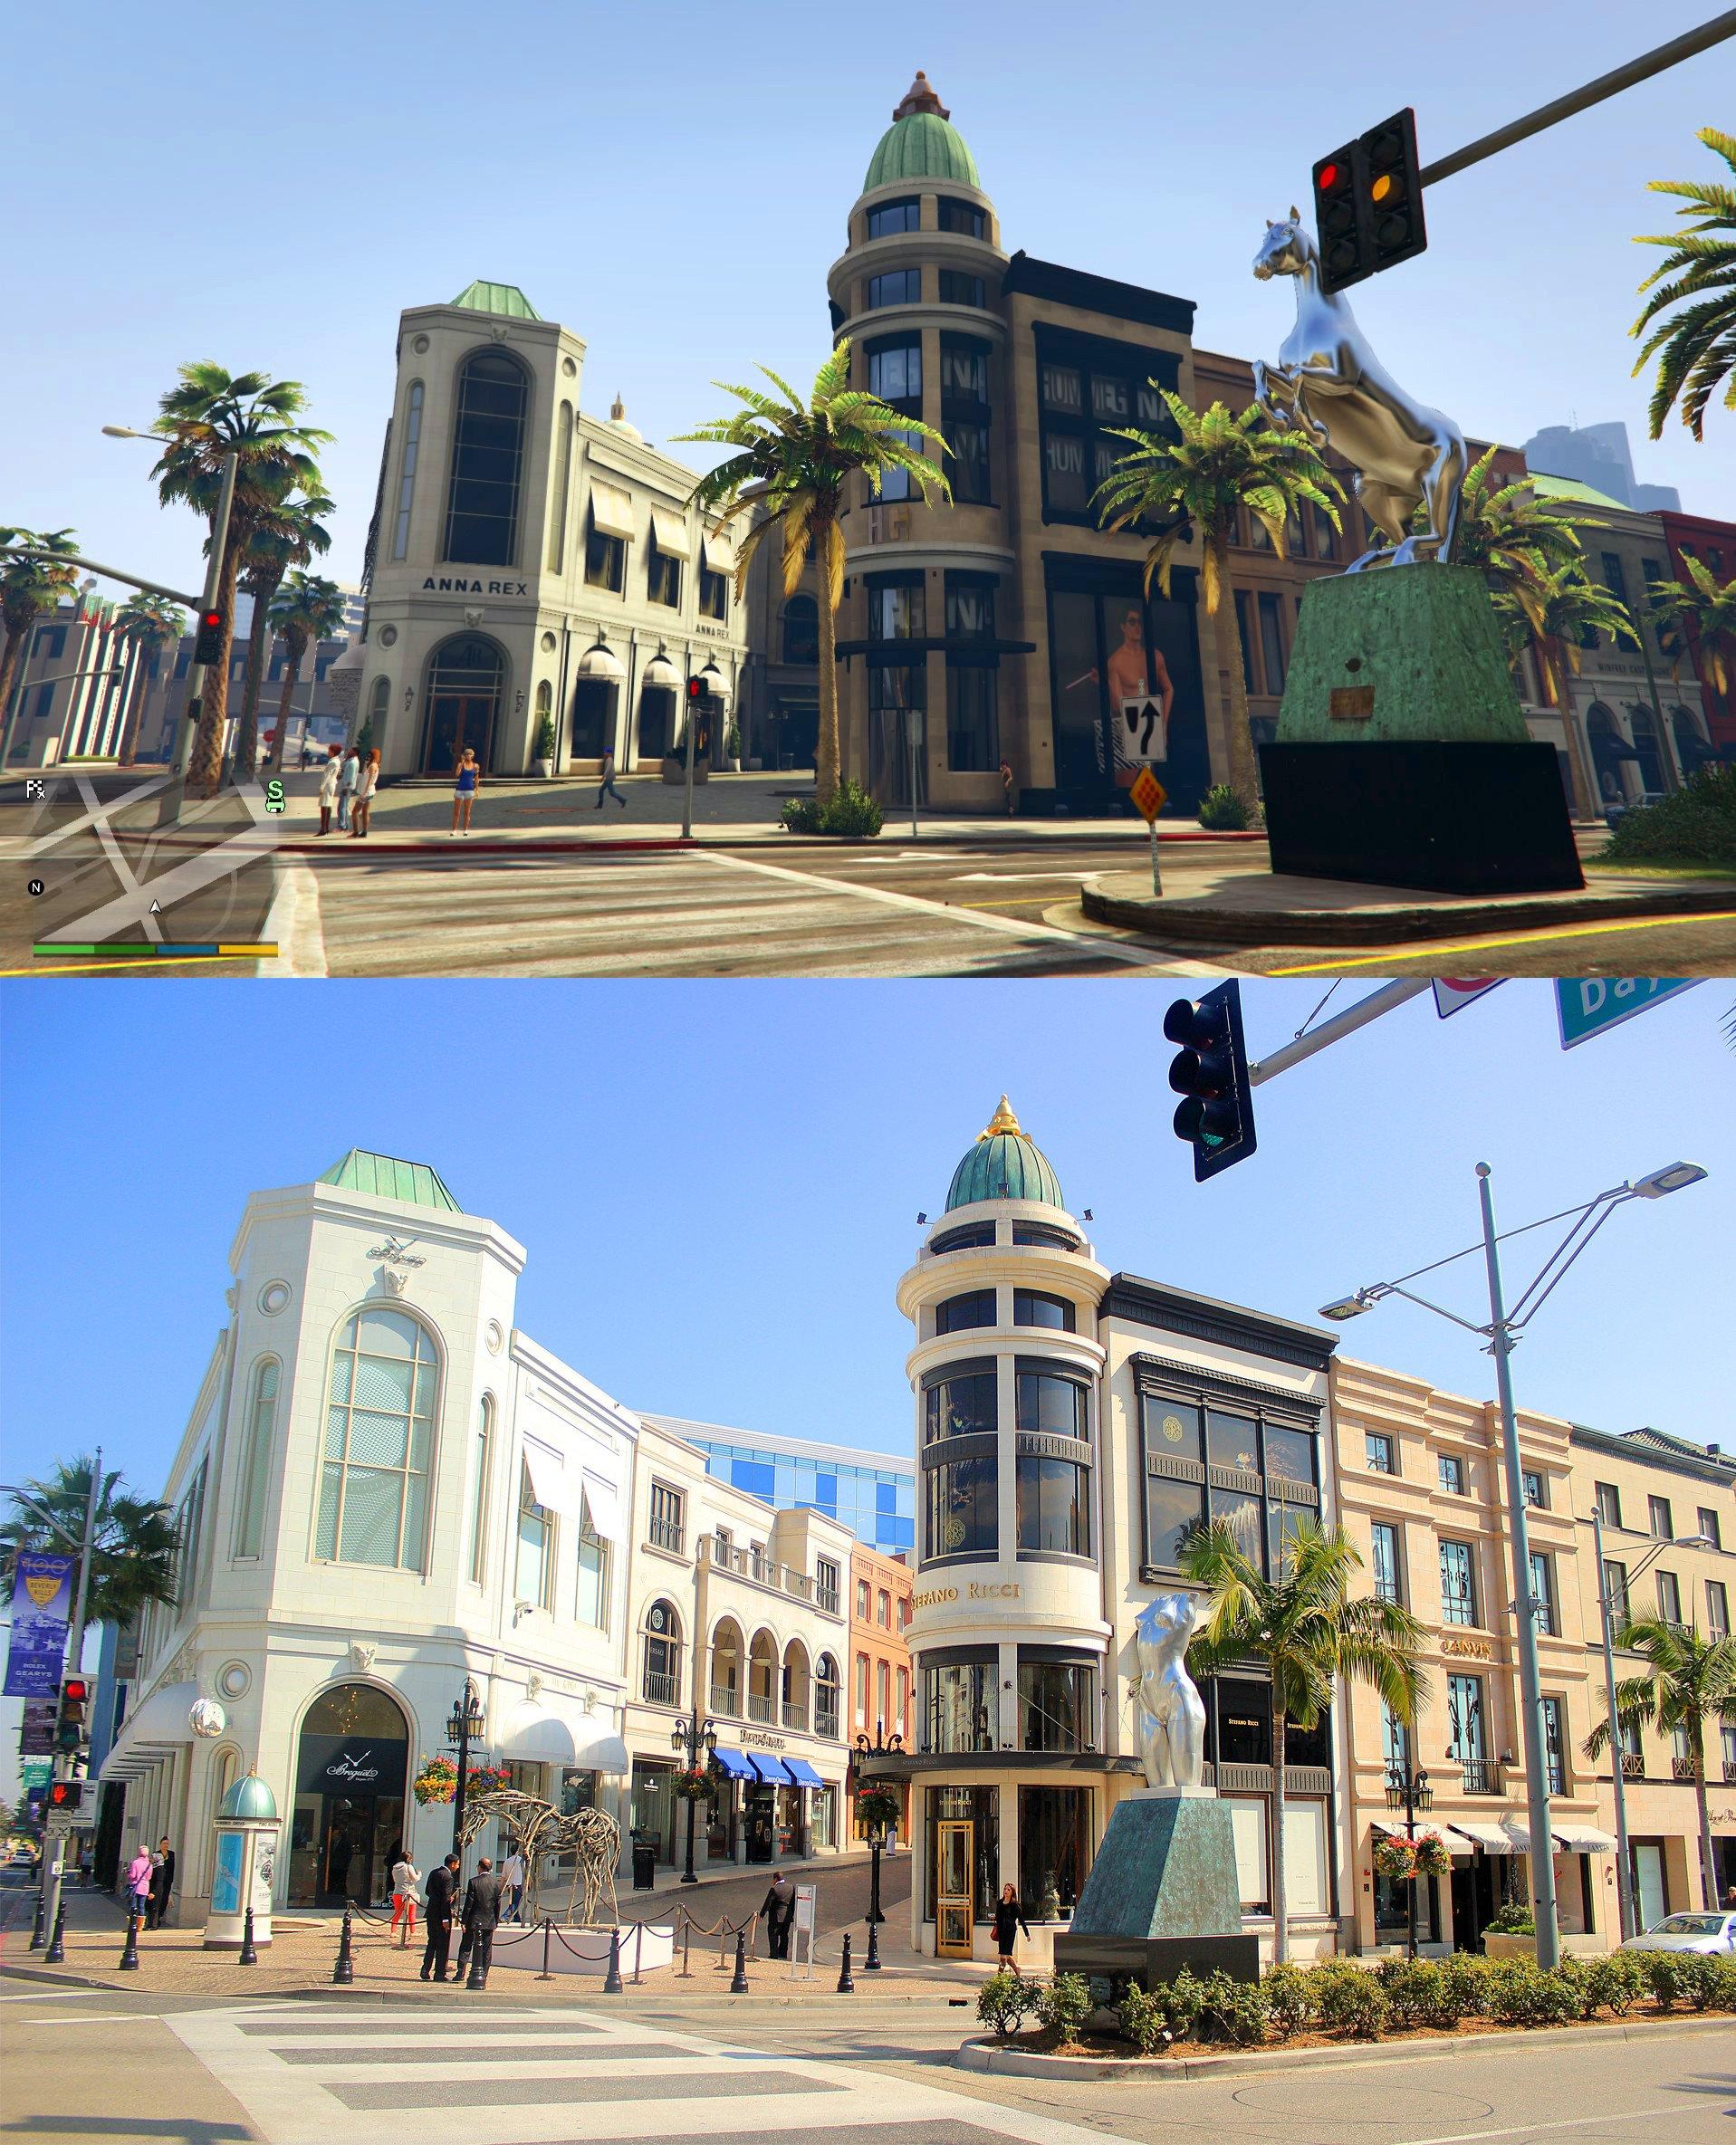 GTA V vs Реальность - Изображение 1